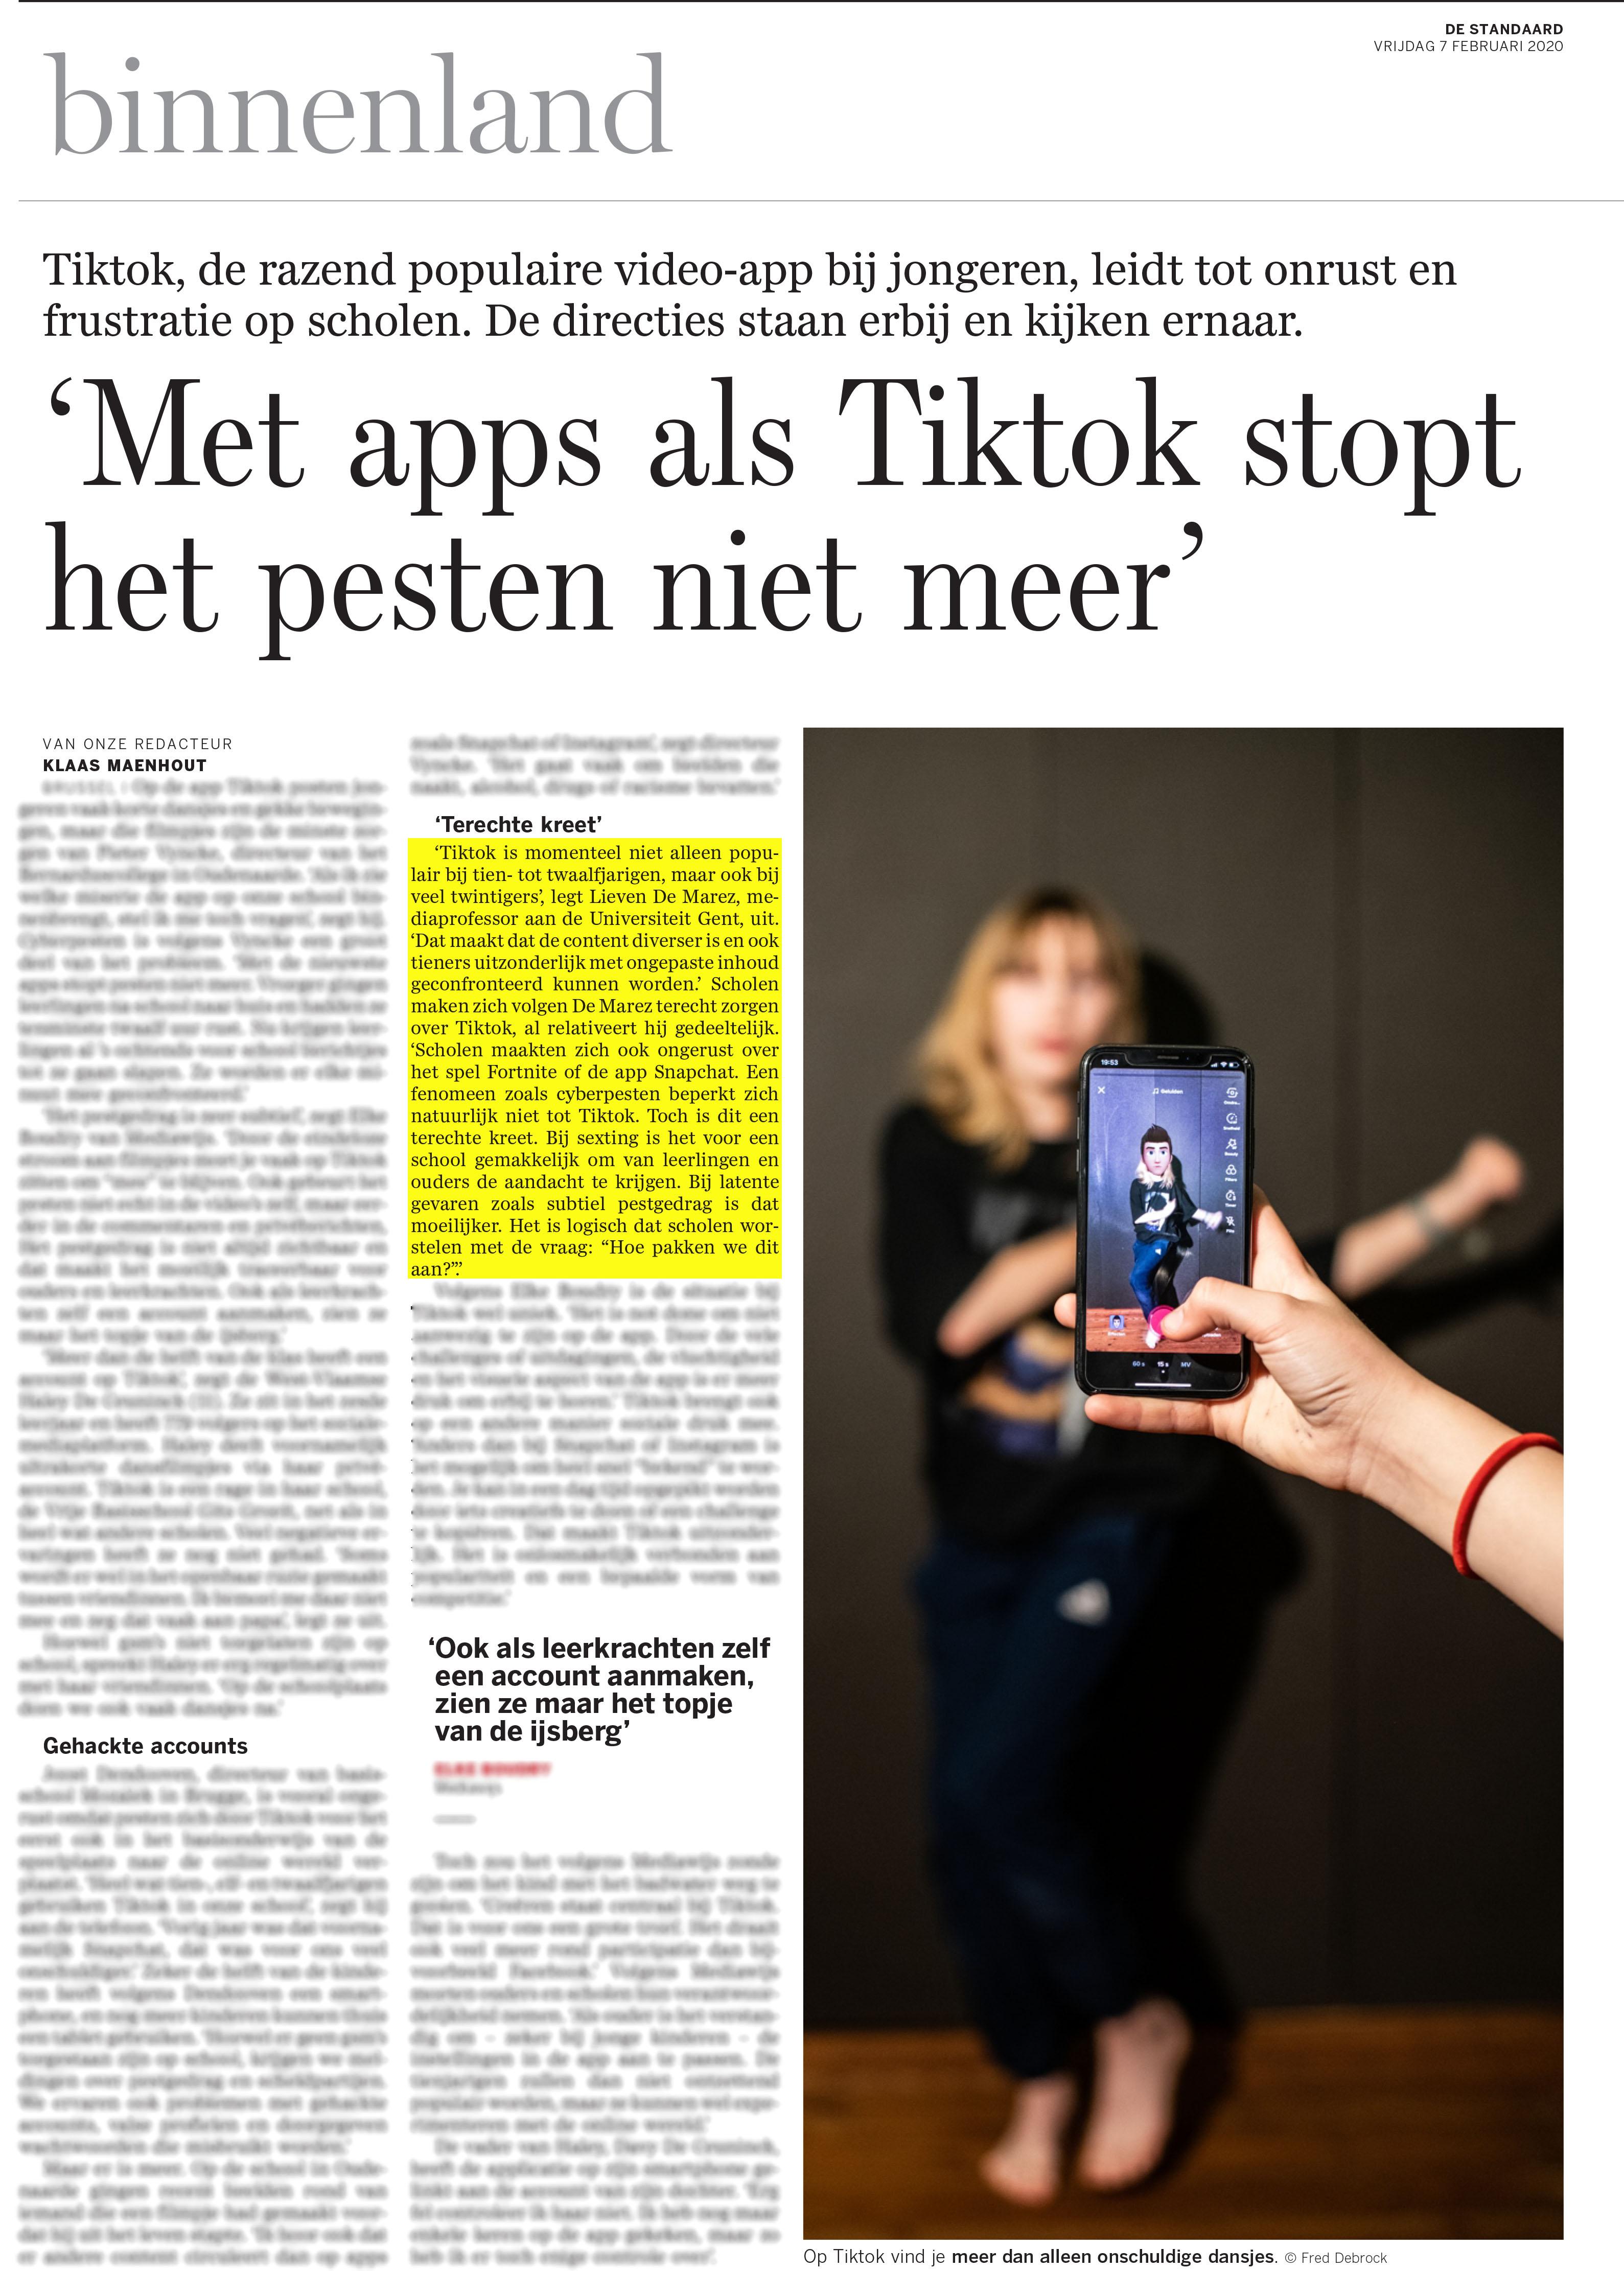 BRON: De Standaard, 07/02/2020, p 6